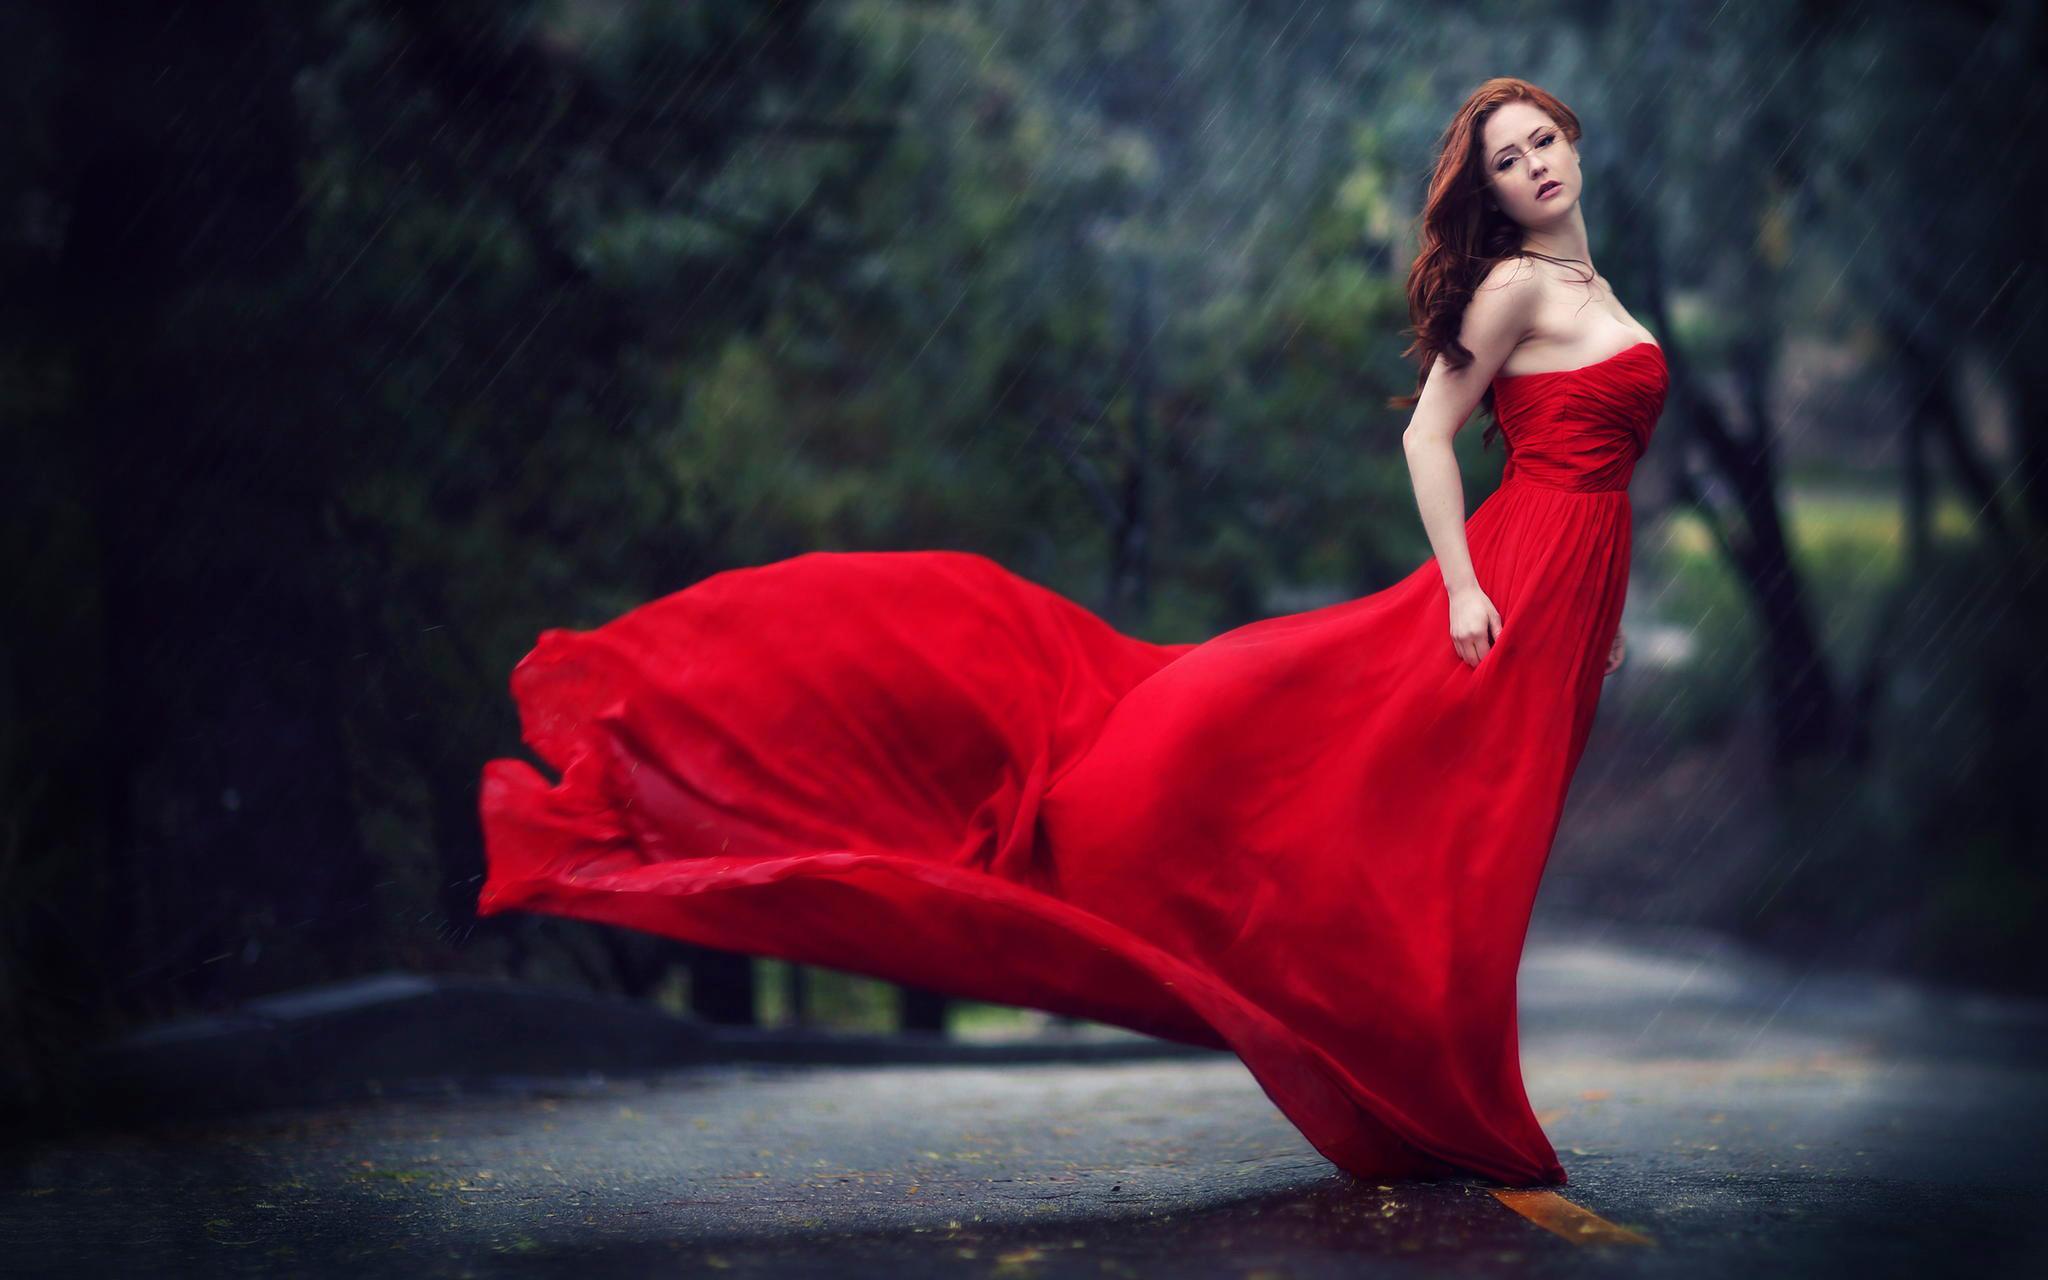 данные оливии, красивая картинка леди в красном дом, построенный